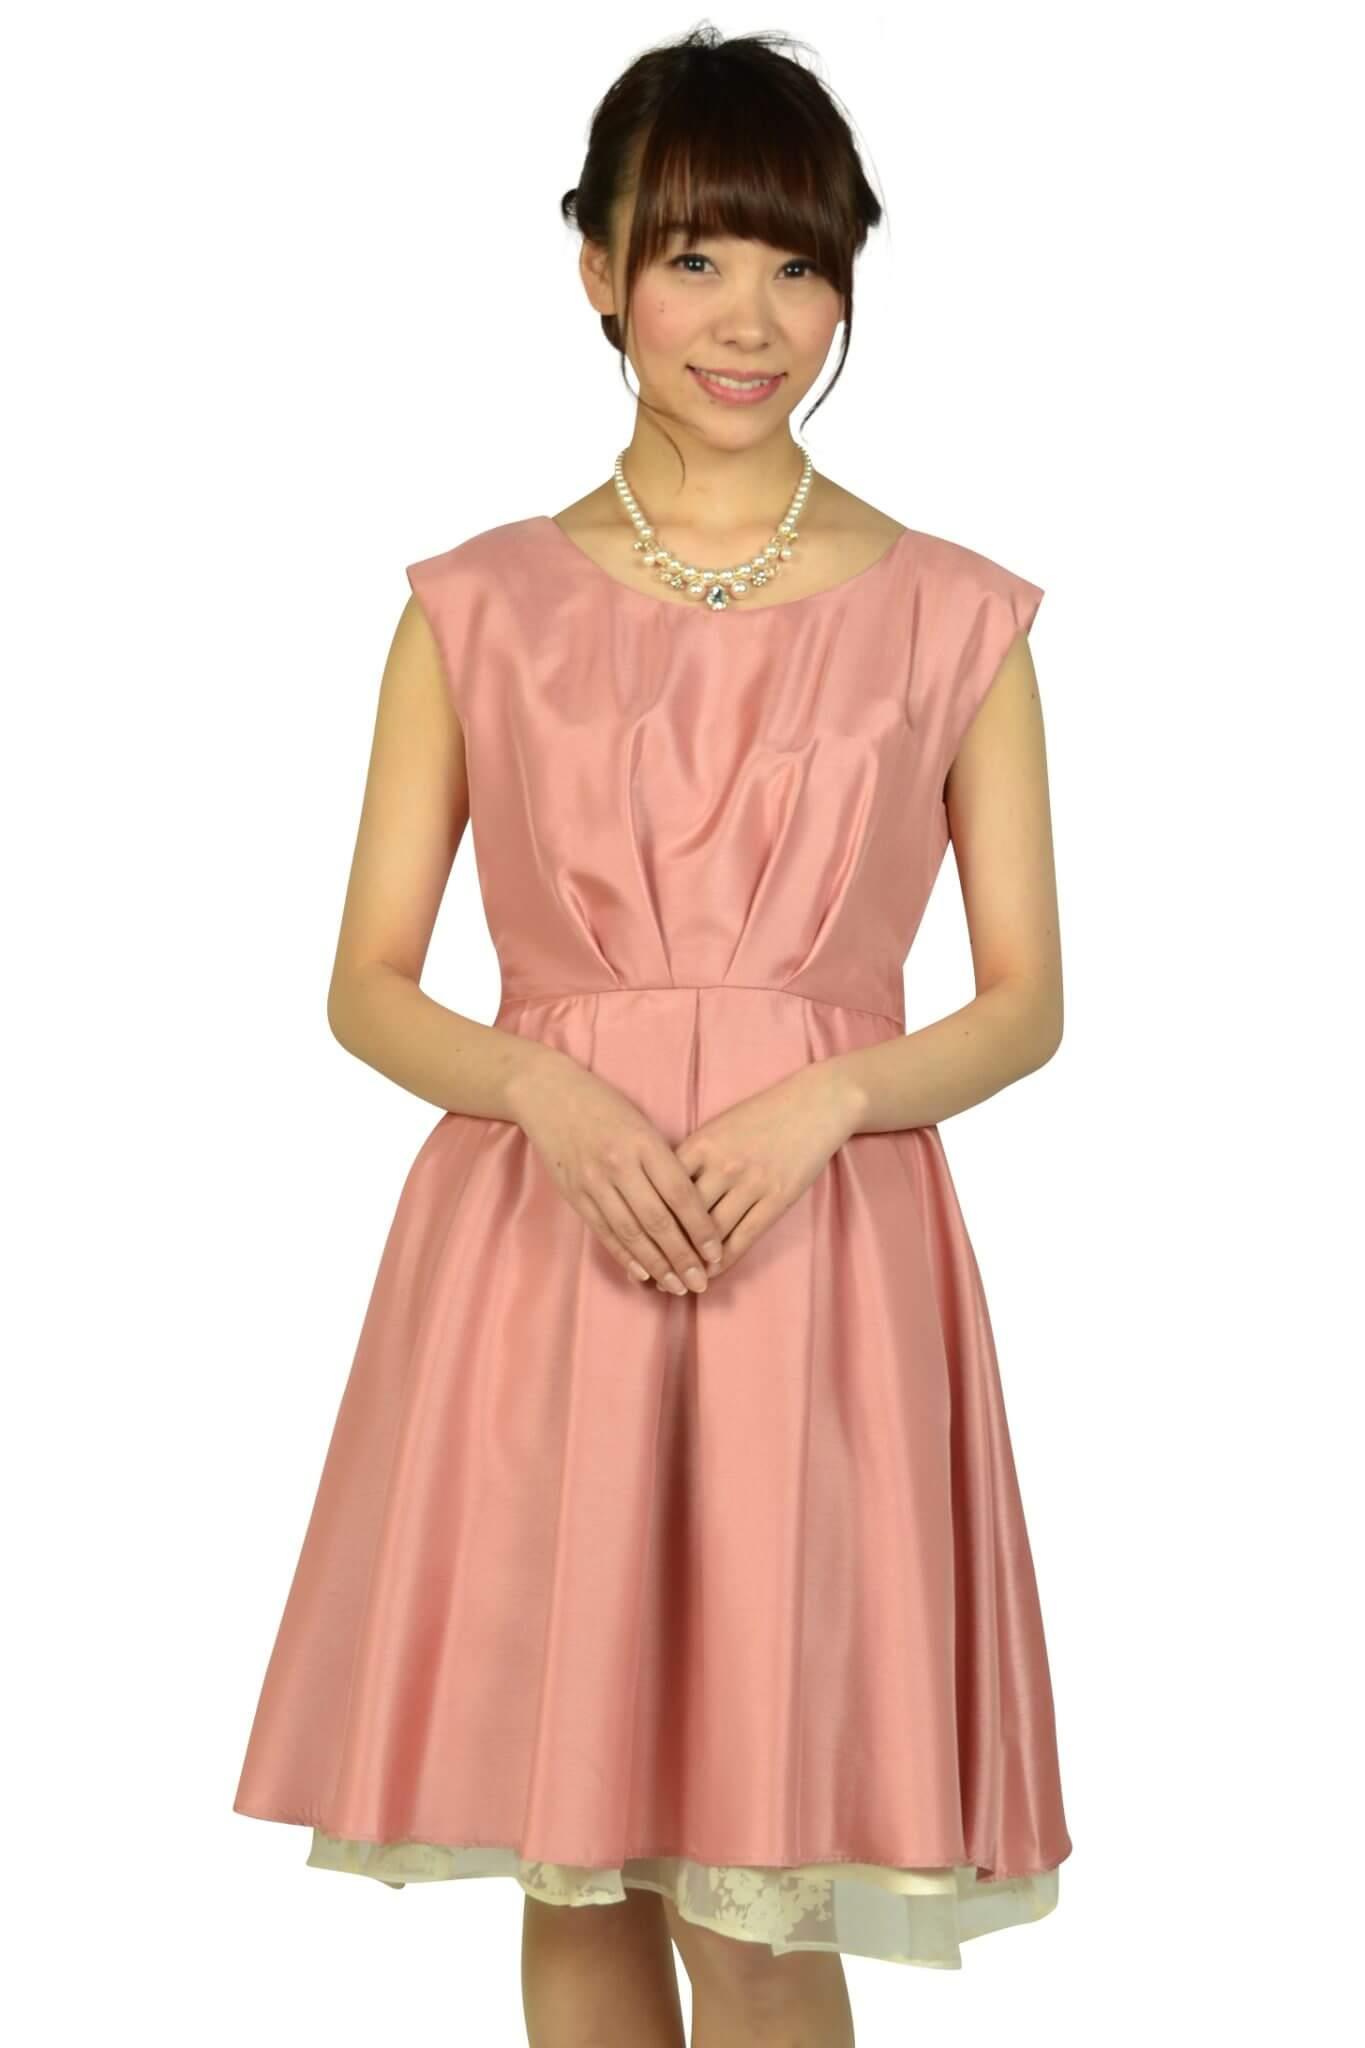 タック\u0026フラワーオーガンジーピンクドレス